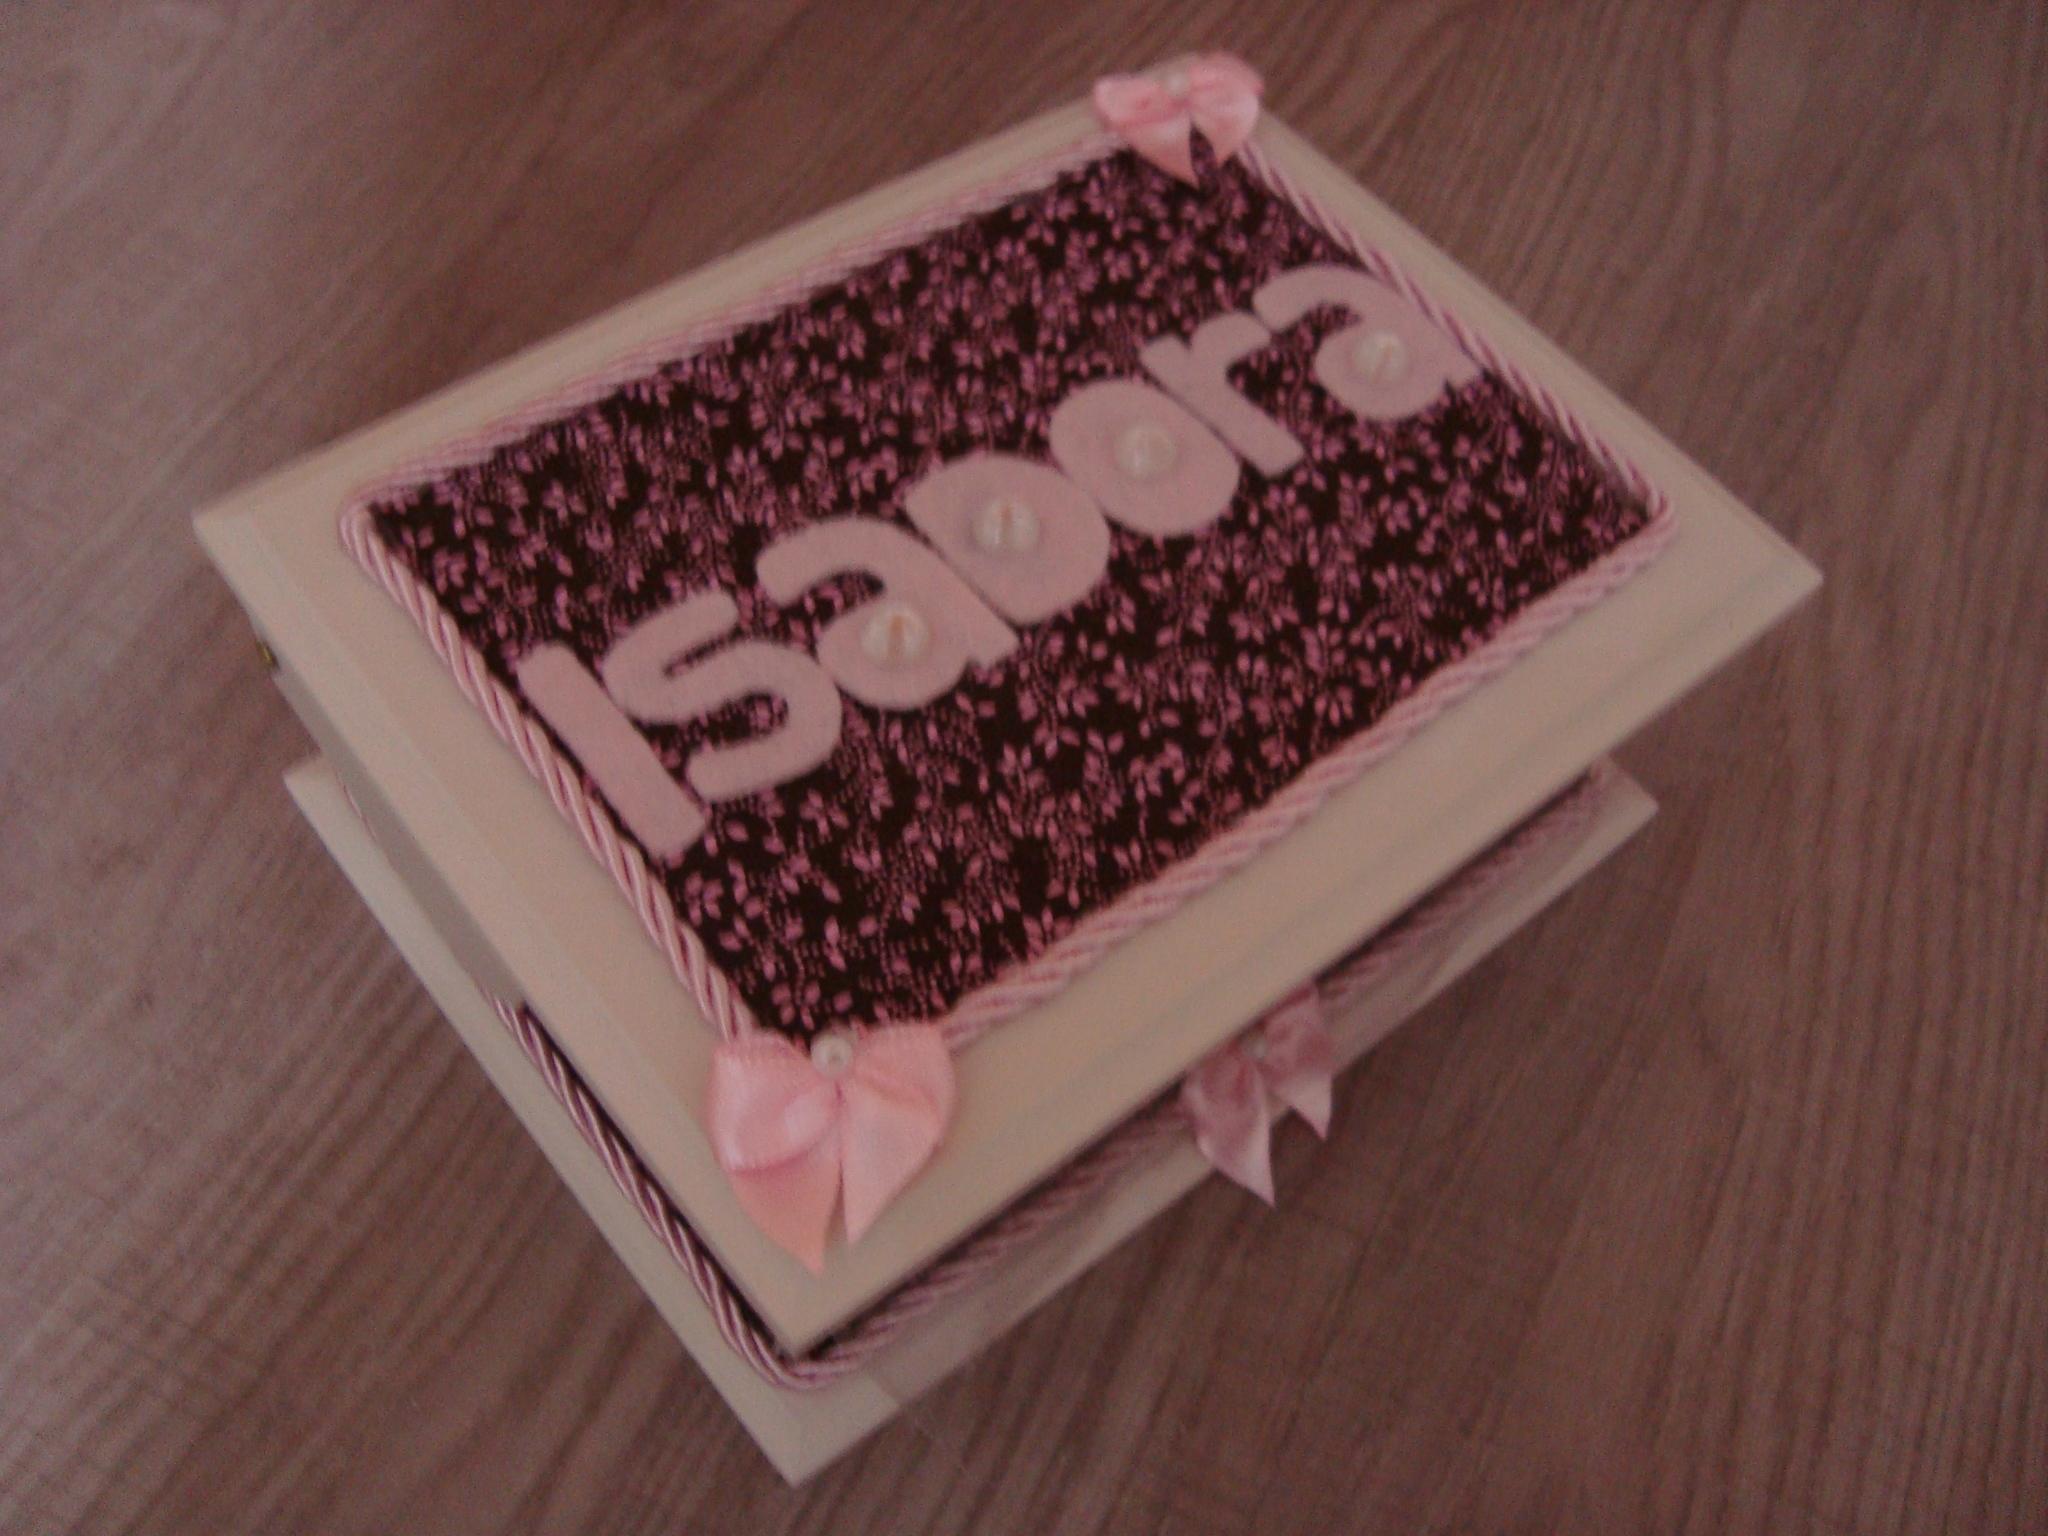 caixa de madeira decorada com tecido caixa #3C1E1D 2048x1536